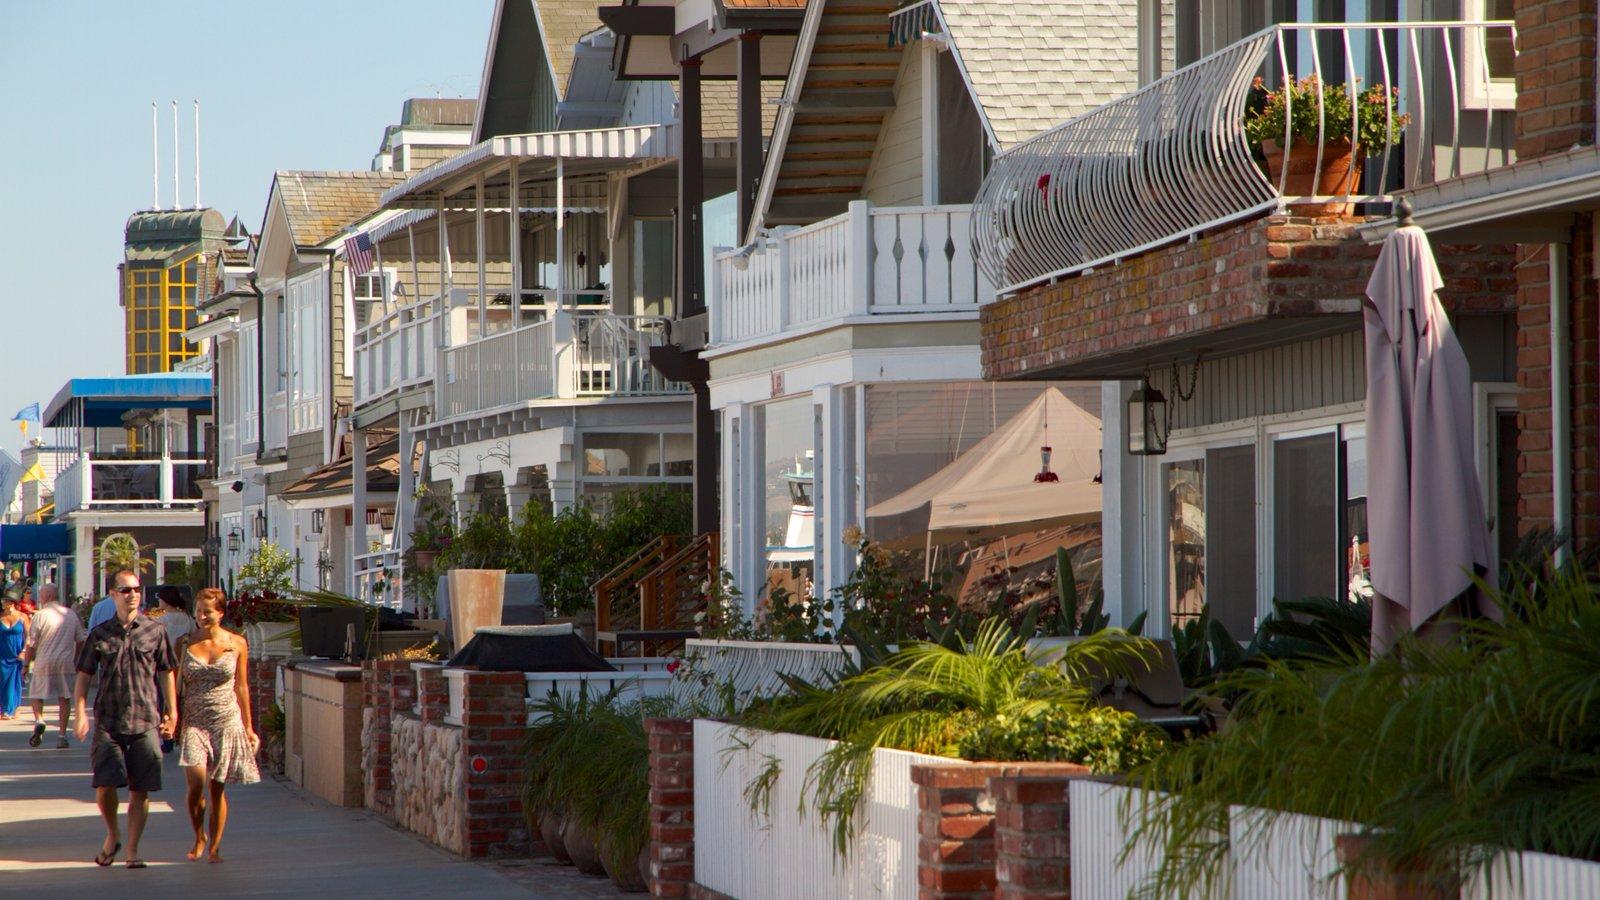 Orange County que inclui uma cidade pequena ou vila, uma casa e cenas de rua